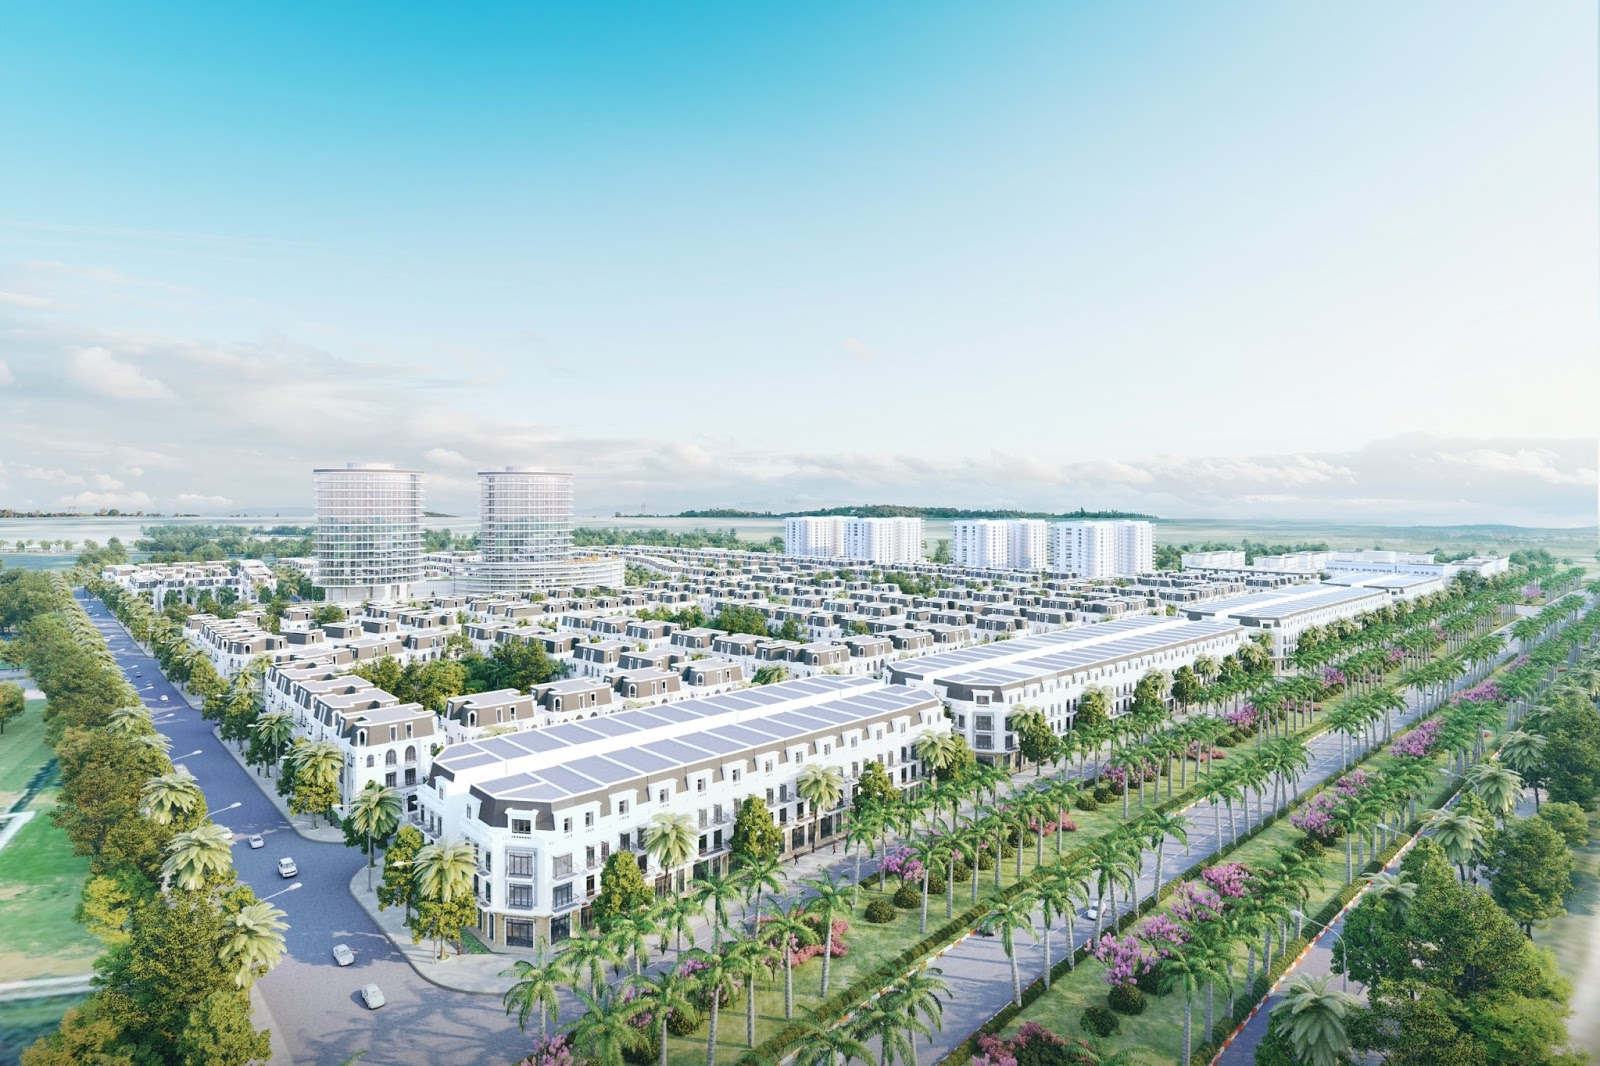 Dự án Khu đô thị Tràng Duệ, Seoul Ecohome, Hải Phòng - Kênh Chung cư Hà Nội  - Danh sách dự án HOT nhất 2019 2020